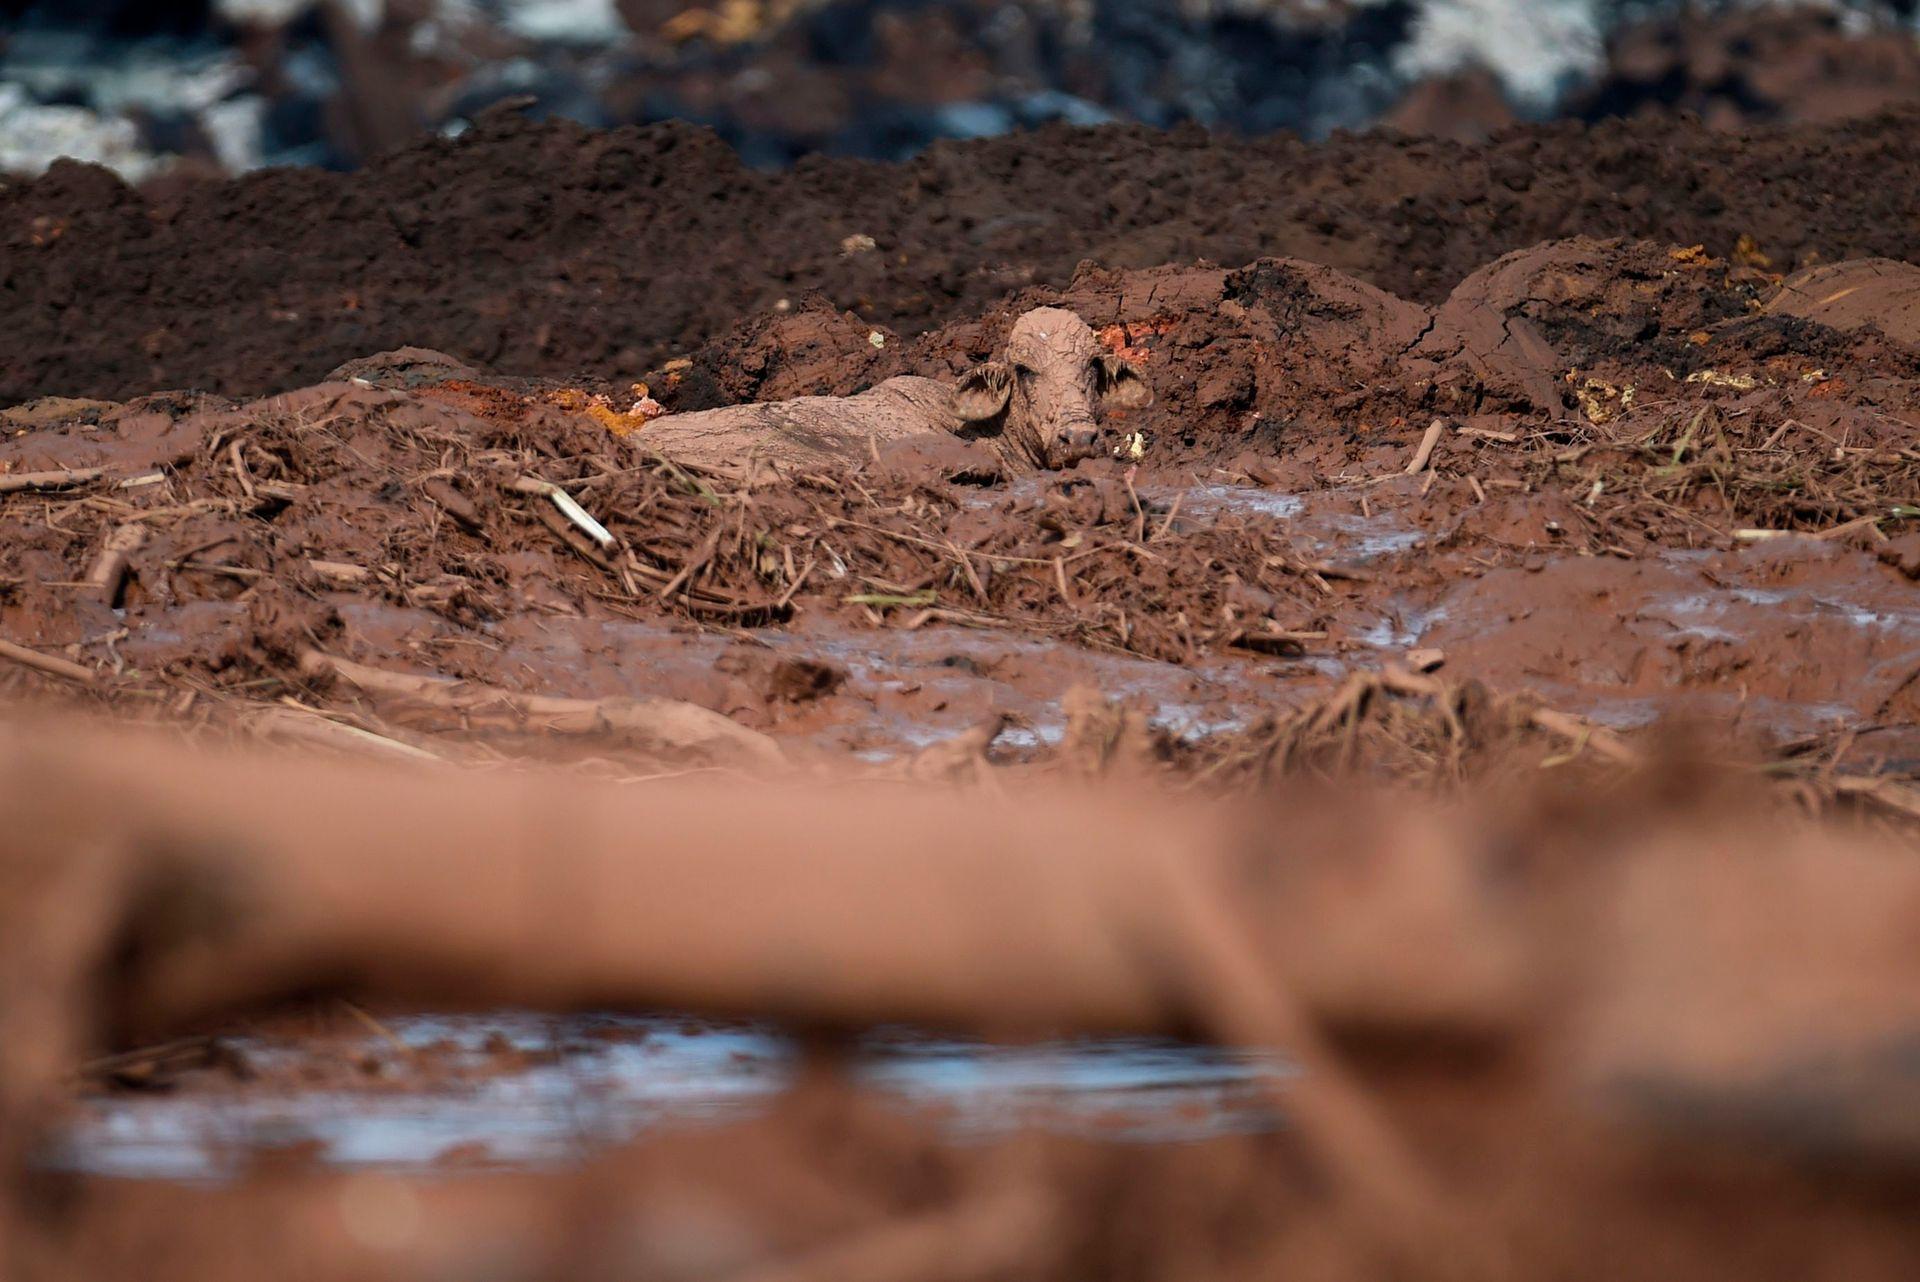 Cientos de animales quedaron atrapados en el barro